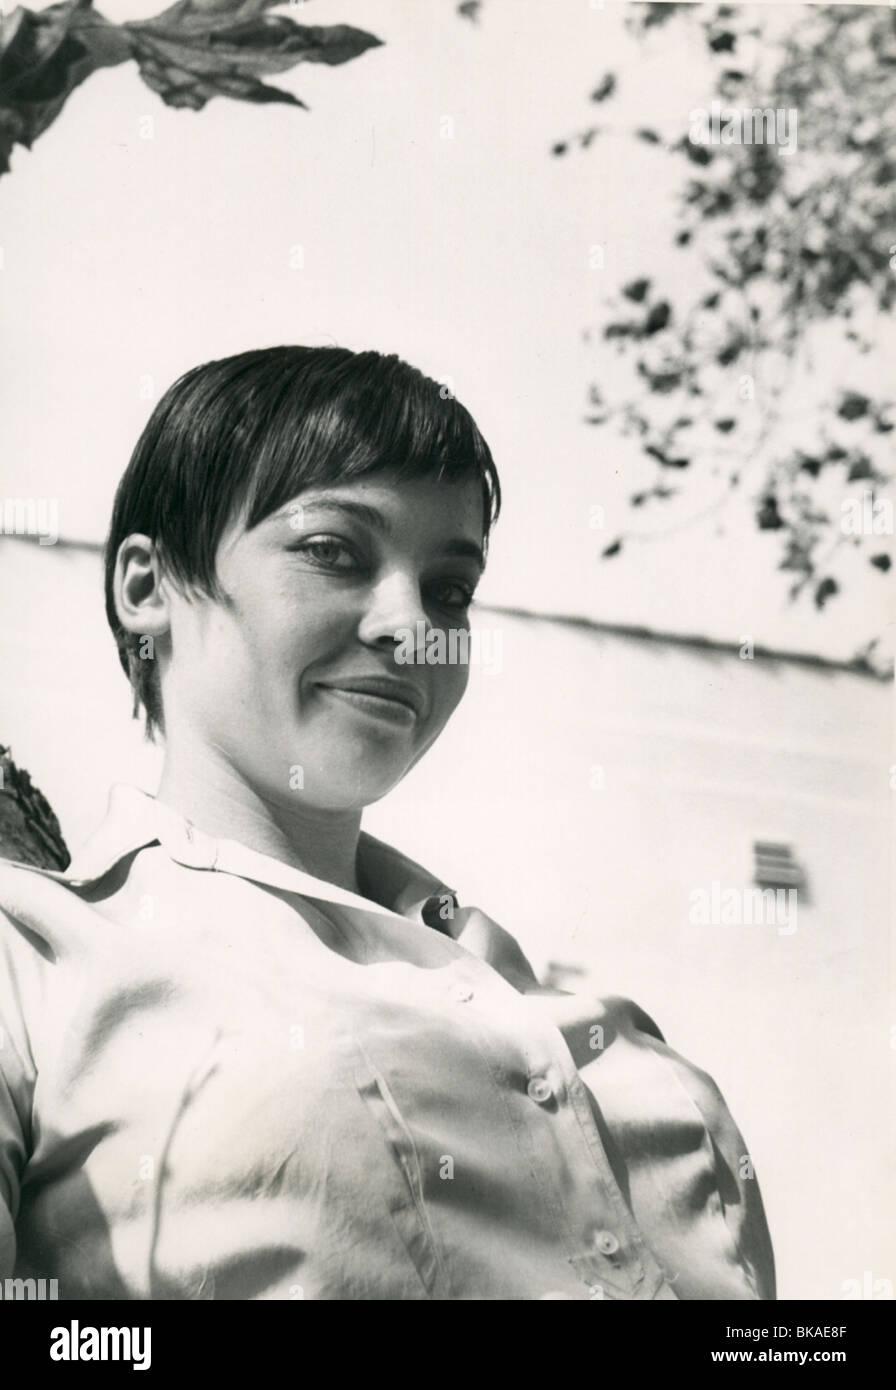 LESLIE CARON PORTRAIT - Stock Image